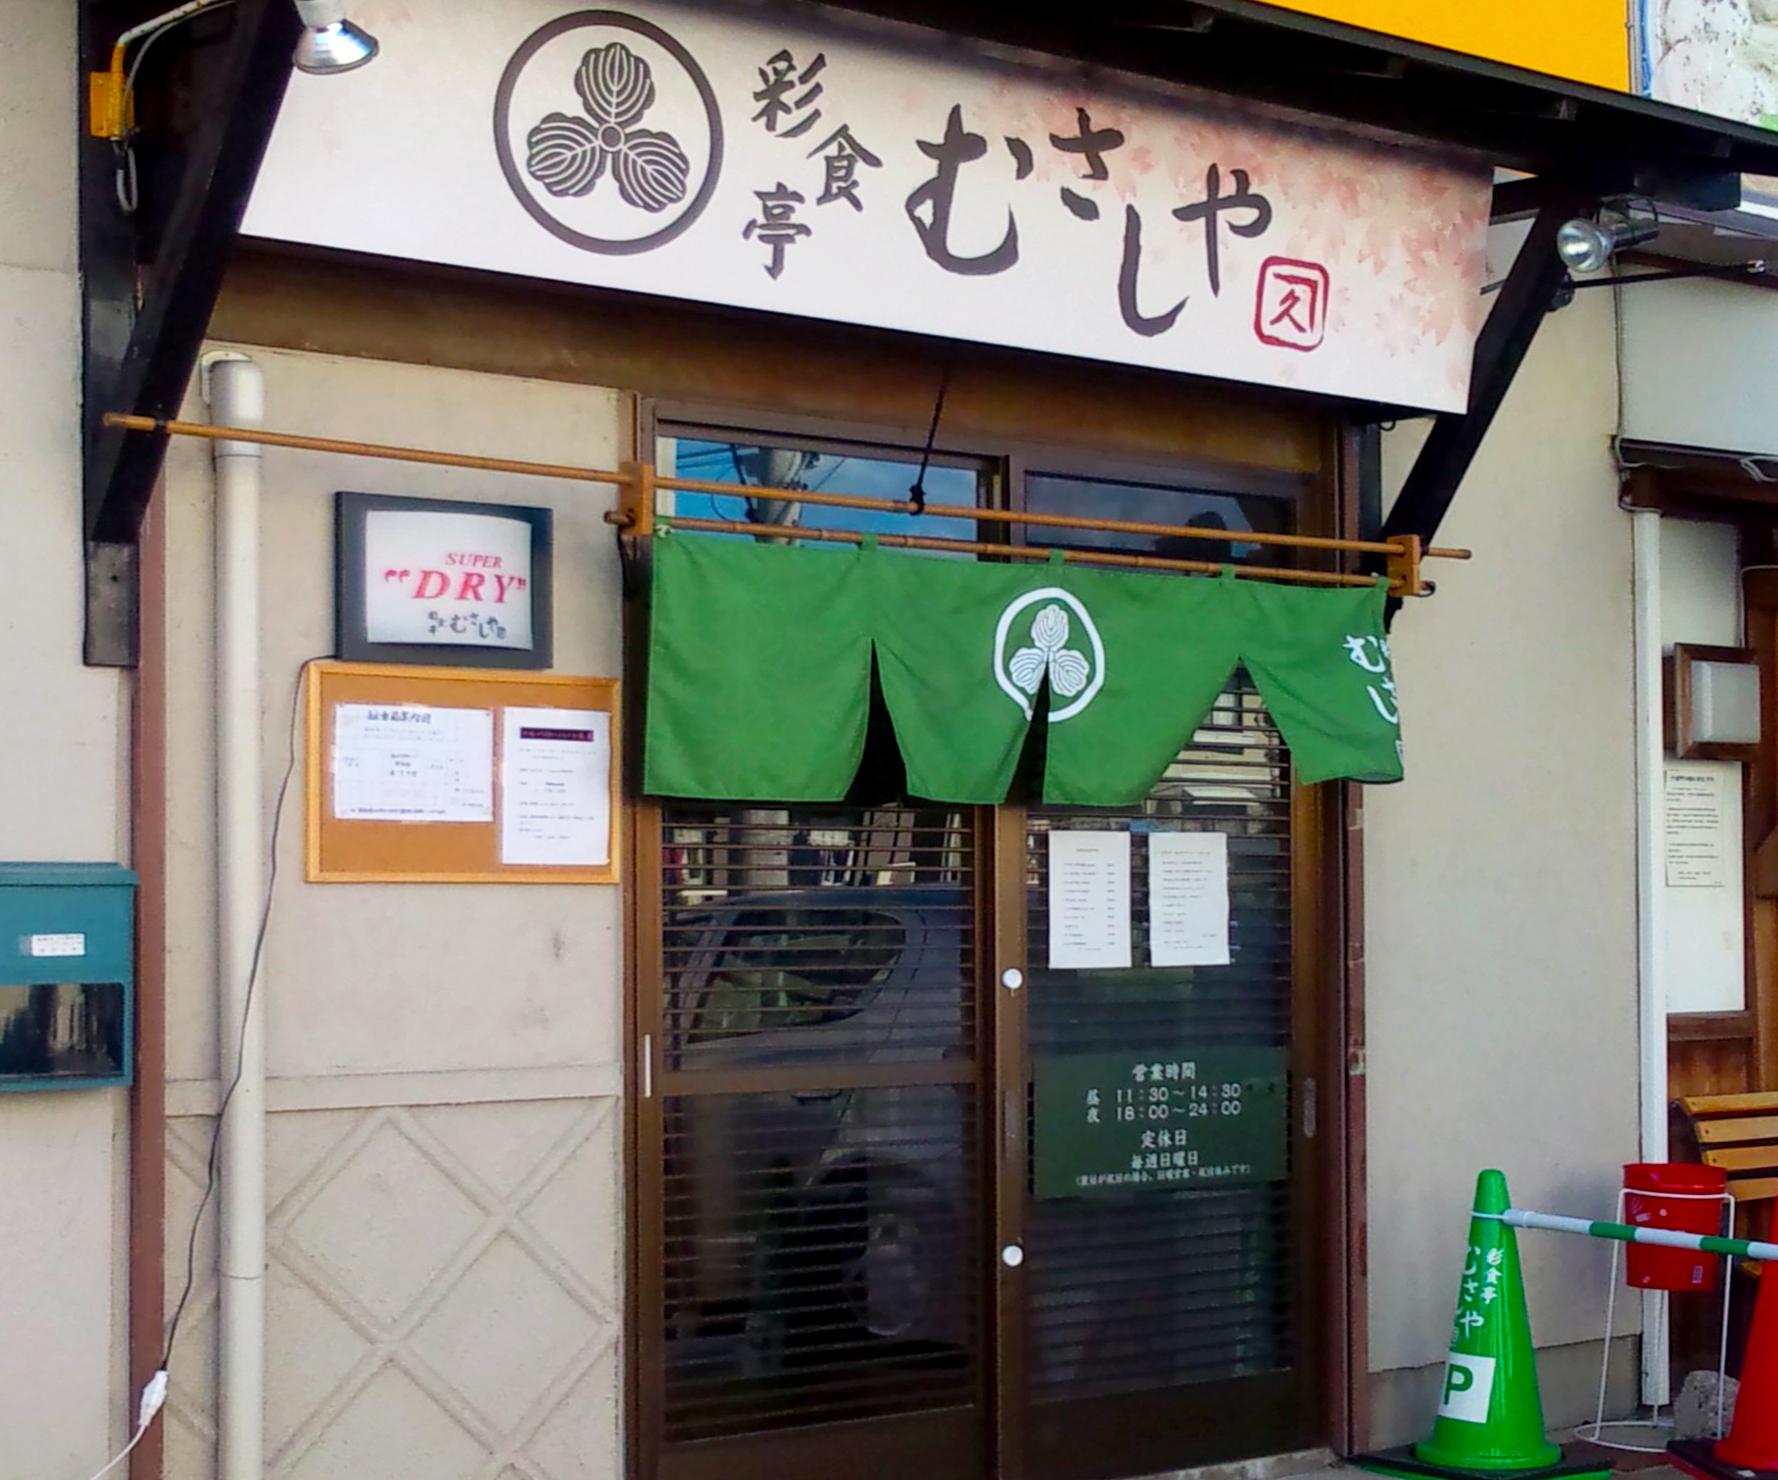 和風居酒屋の看板デザイン・製作・施工をさせていただきました。